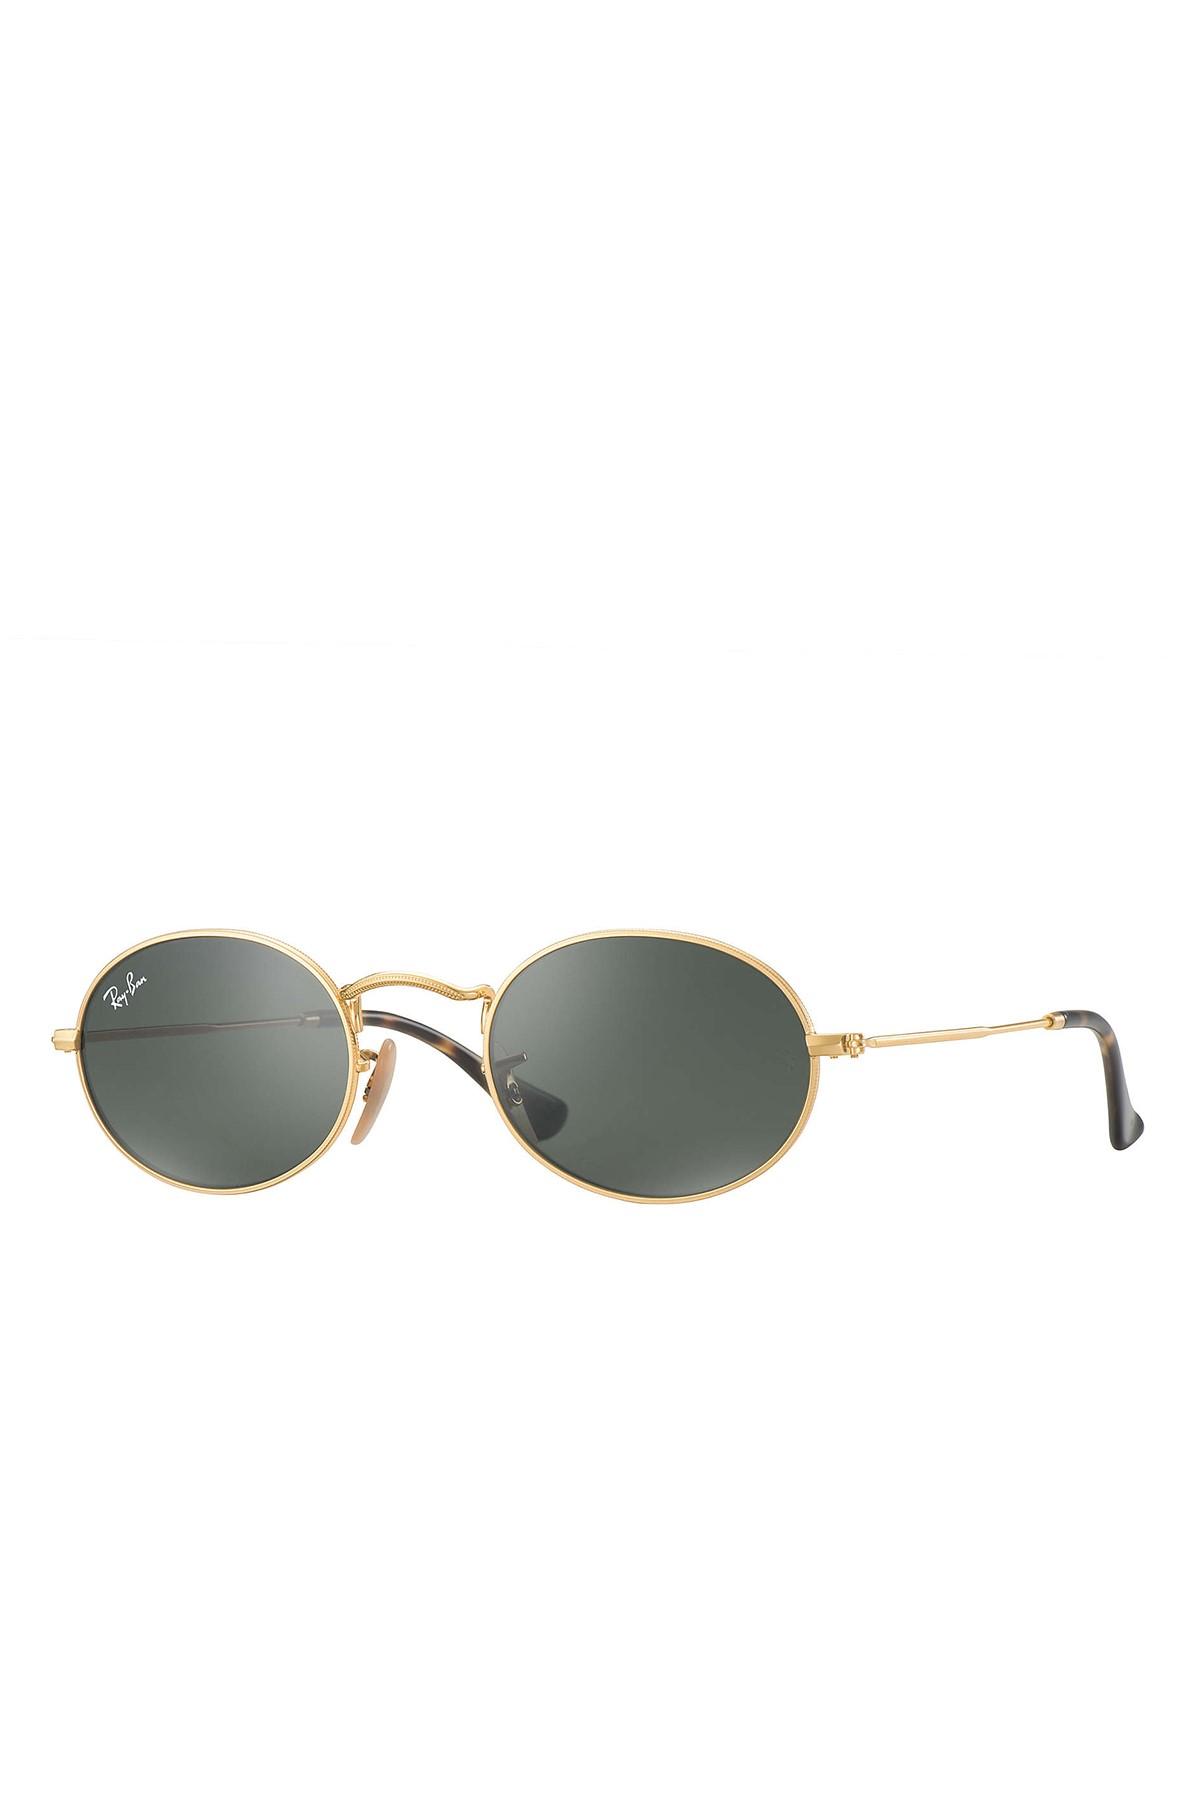 عینک آفتابی 2020 مدل جدید برند ری بن کد ty731420